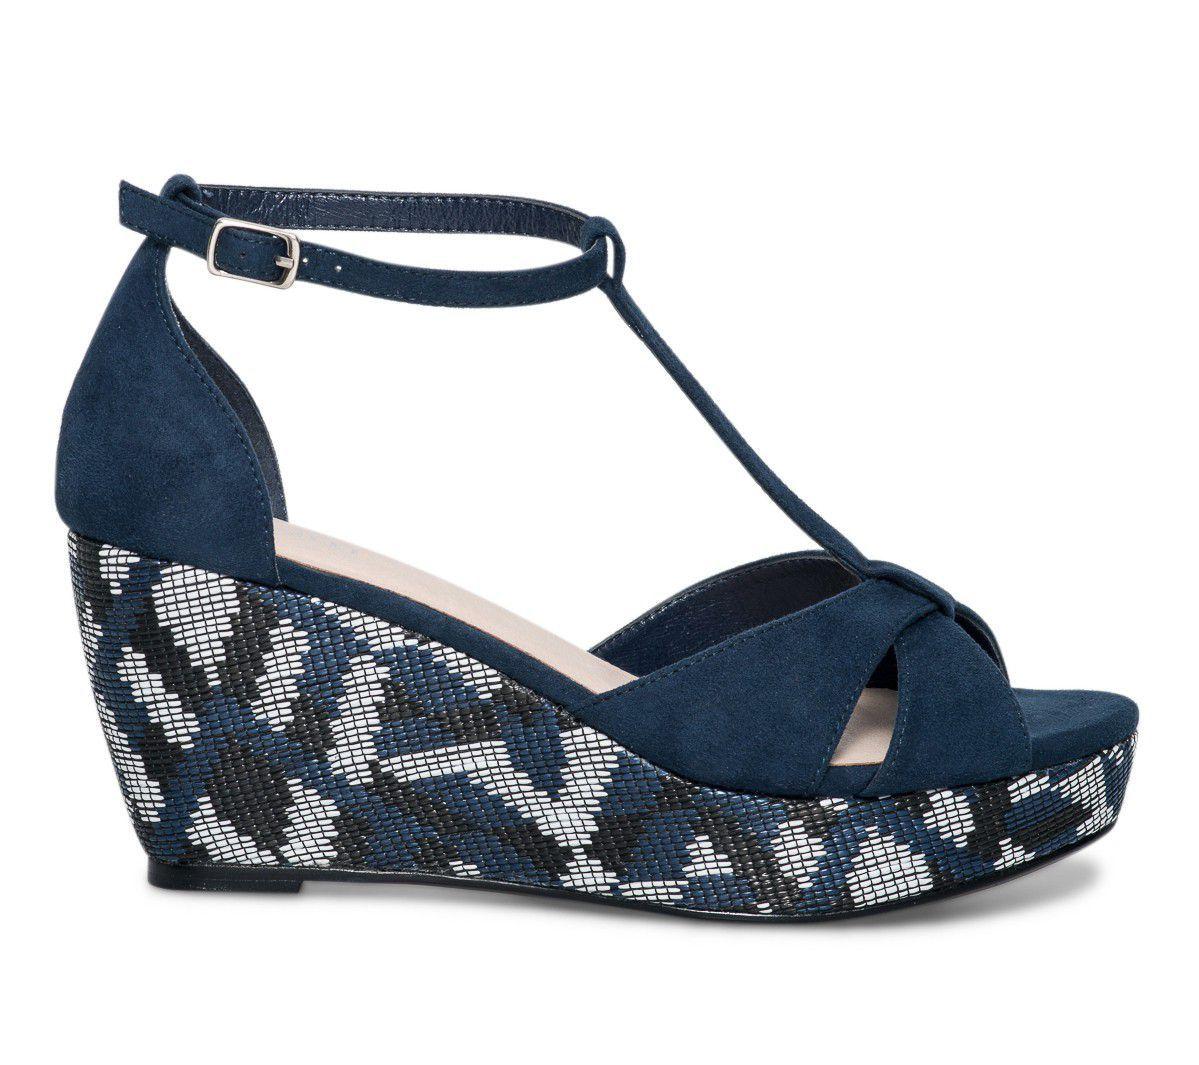 Sandale compensée ethnique bleue - Sandales talon - Chaussures femme ... 11338abcbd87